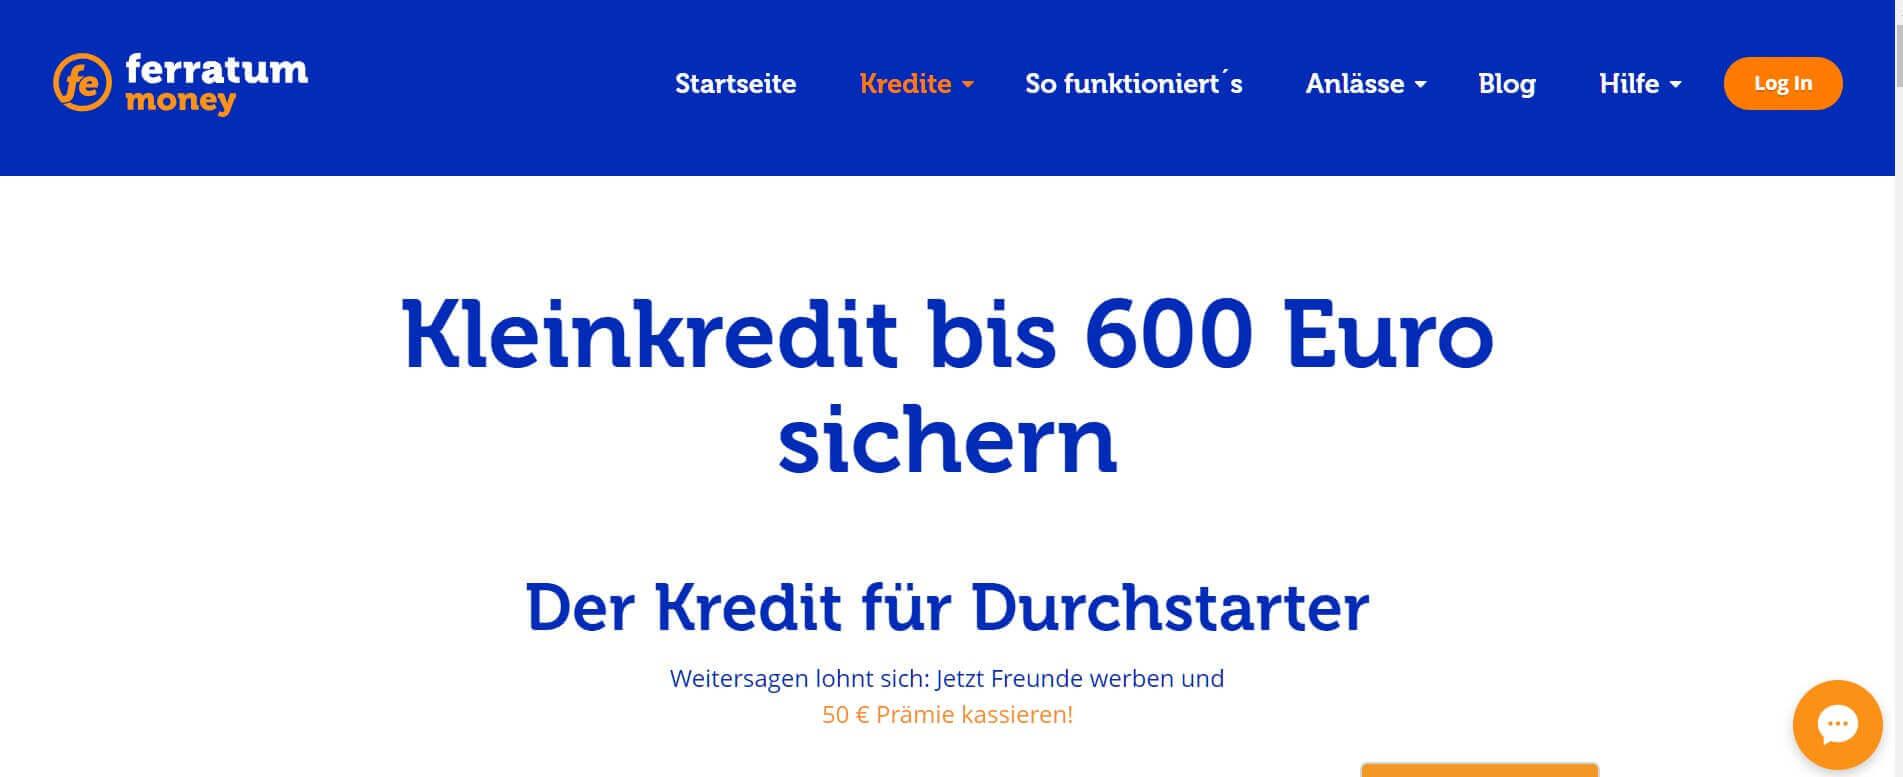 Kleinkredit online Ferratum